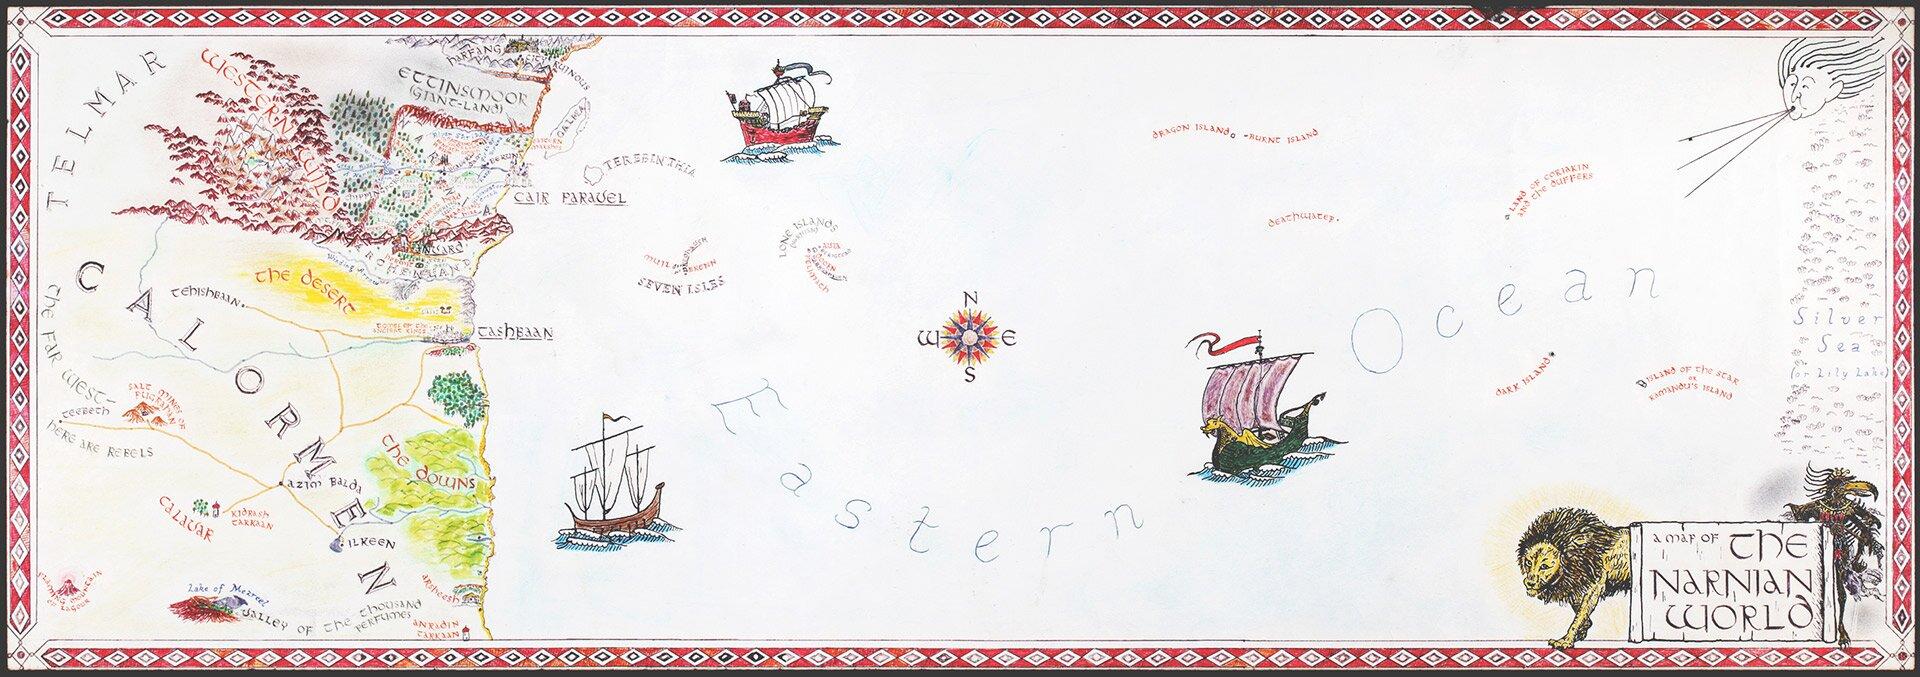 Mapa Narnii Mapa Narnii Źródło: David Bedell, licencja: CC BY-SA 3.0.